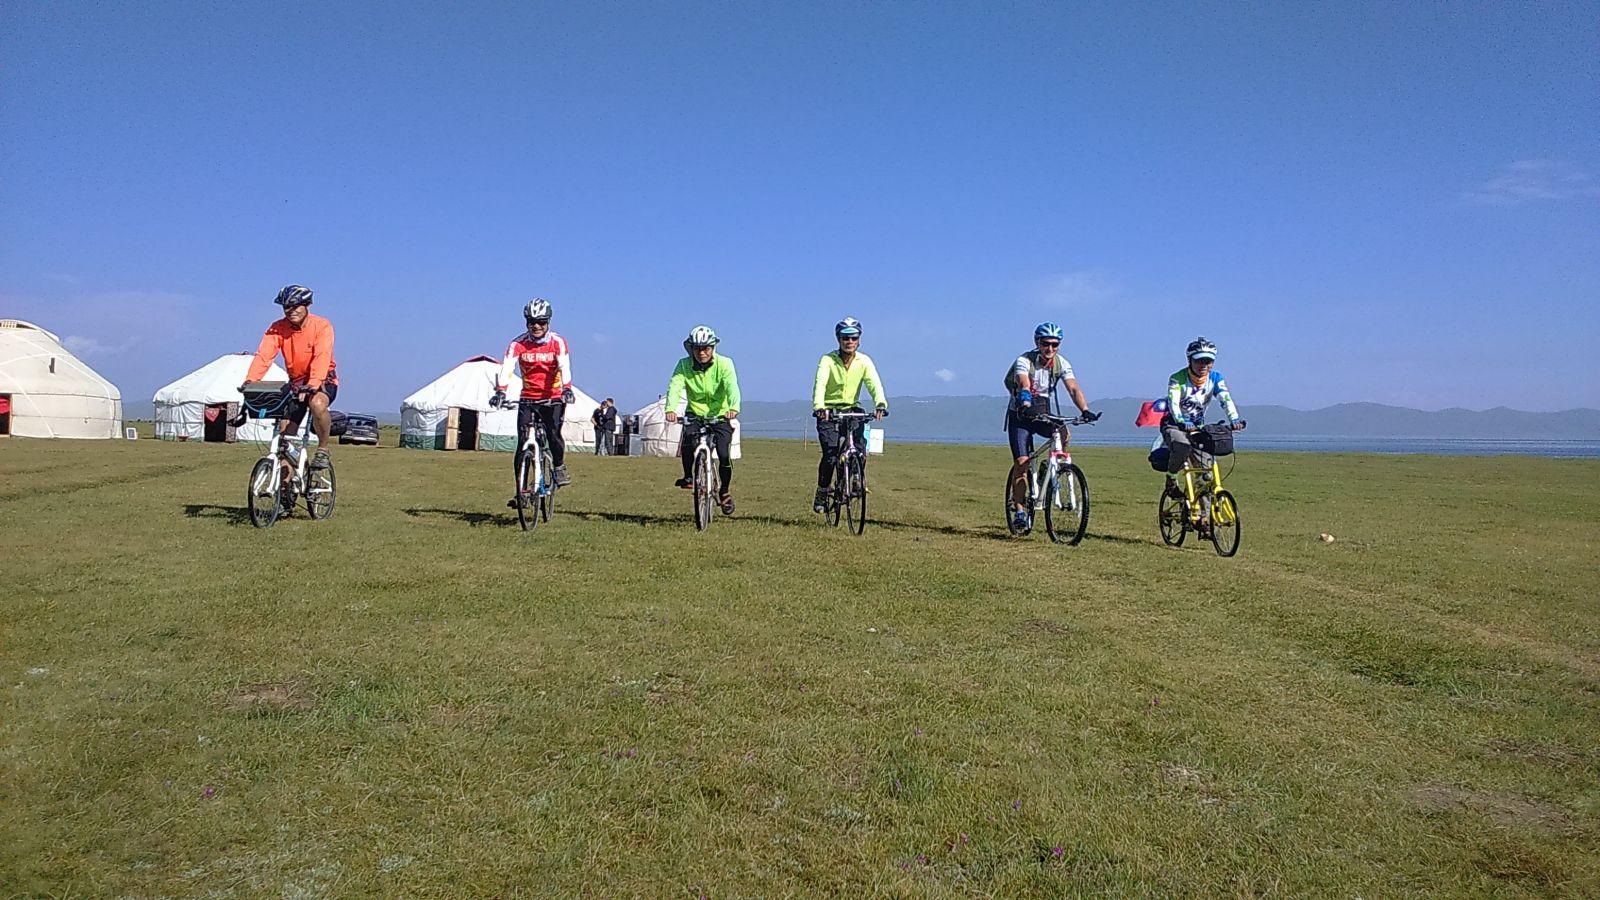 台灣人環球傳騎,圖為吉爾吉斯高山湖泊頌湖草原單車行。單車環球狀遊聯盟提供